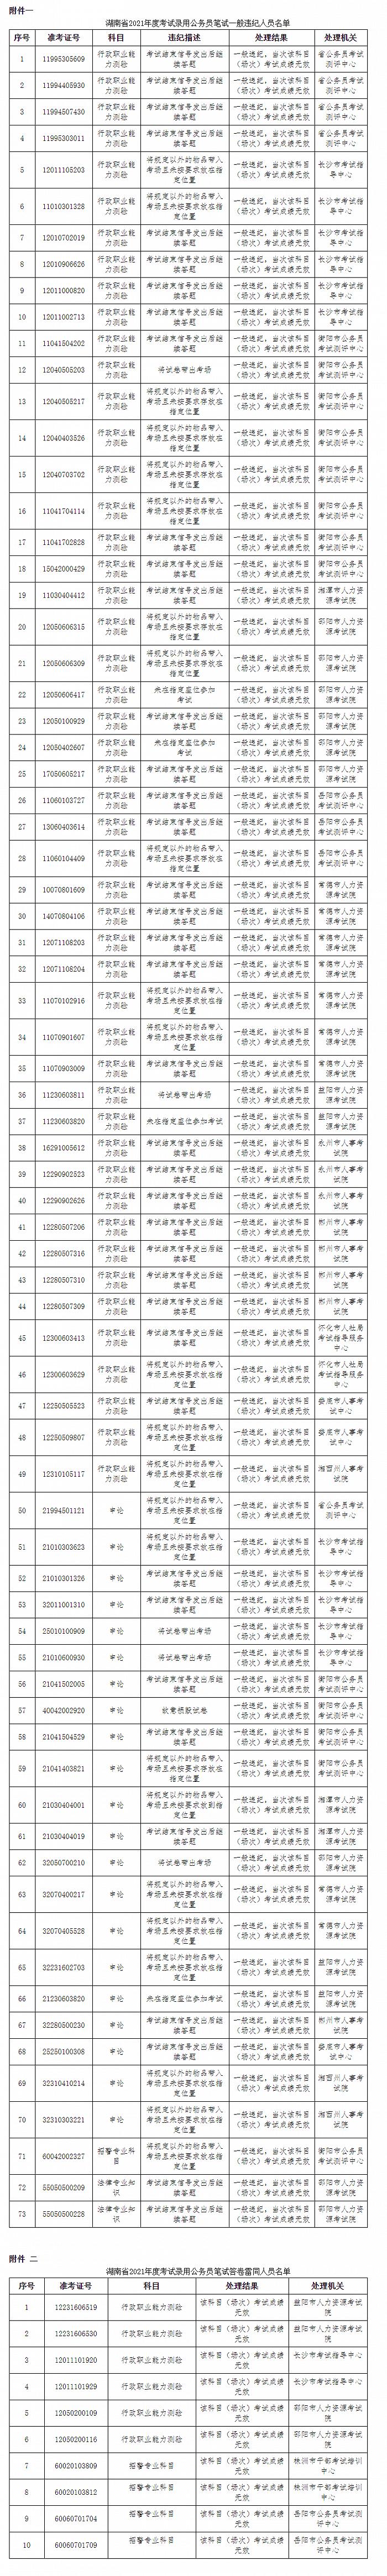 湖南省2021年度公务员考试83人违纪(含雷同答卷)情况公告